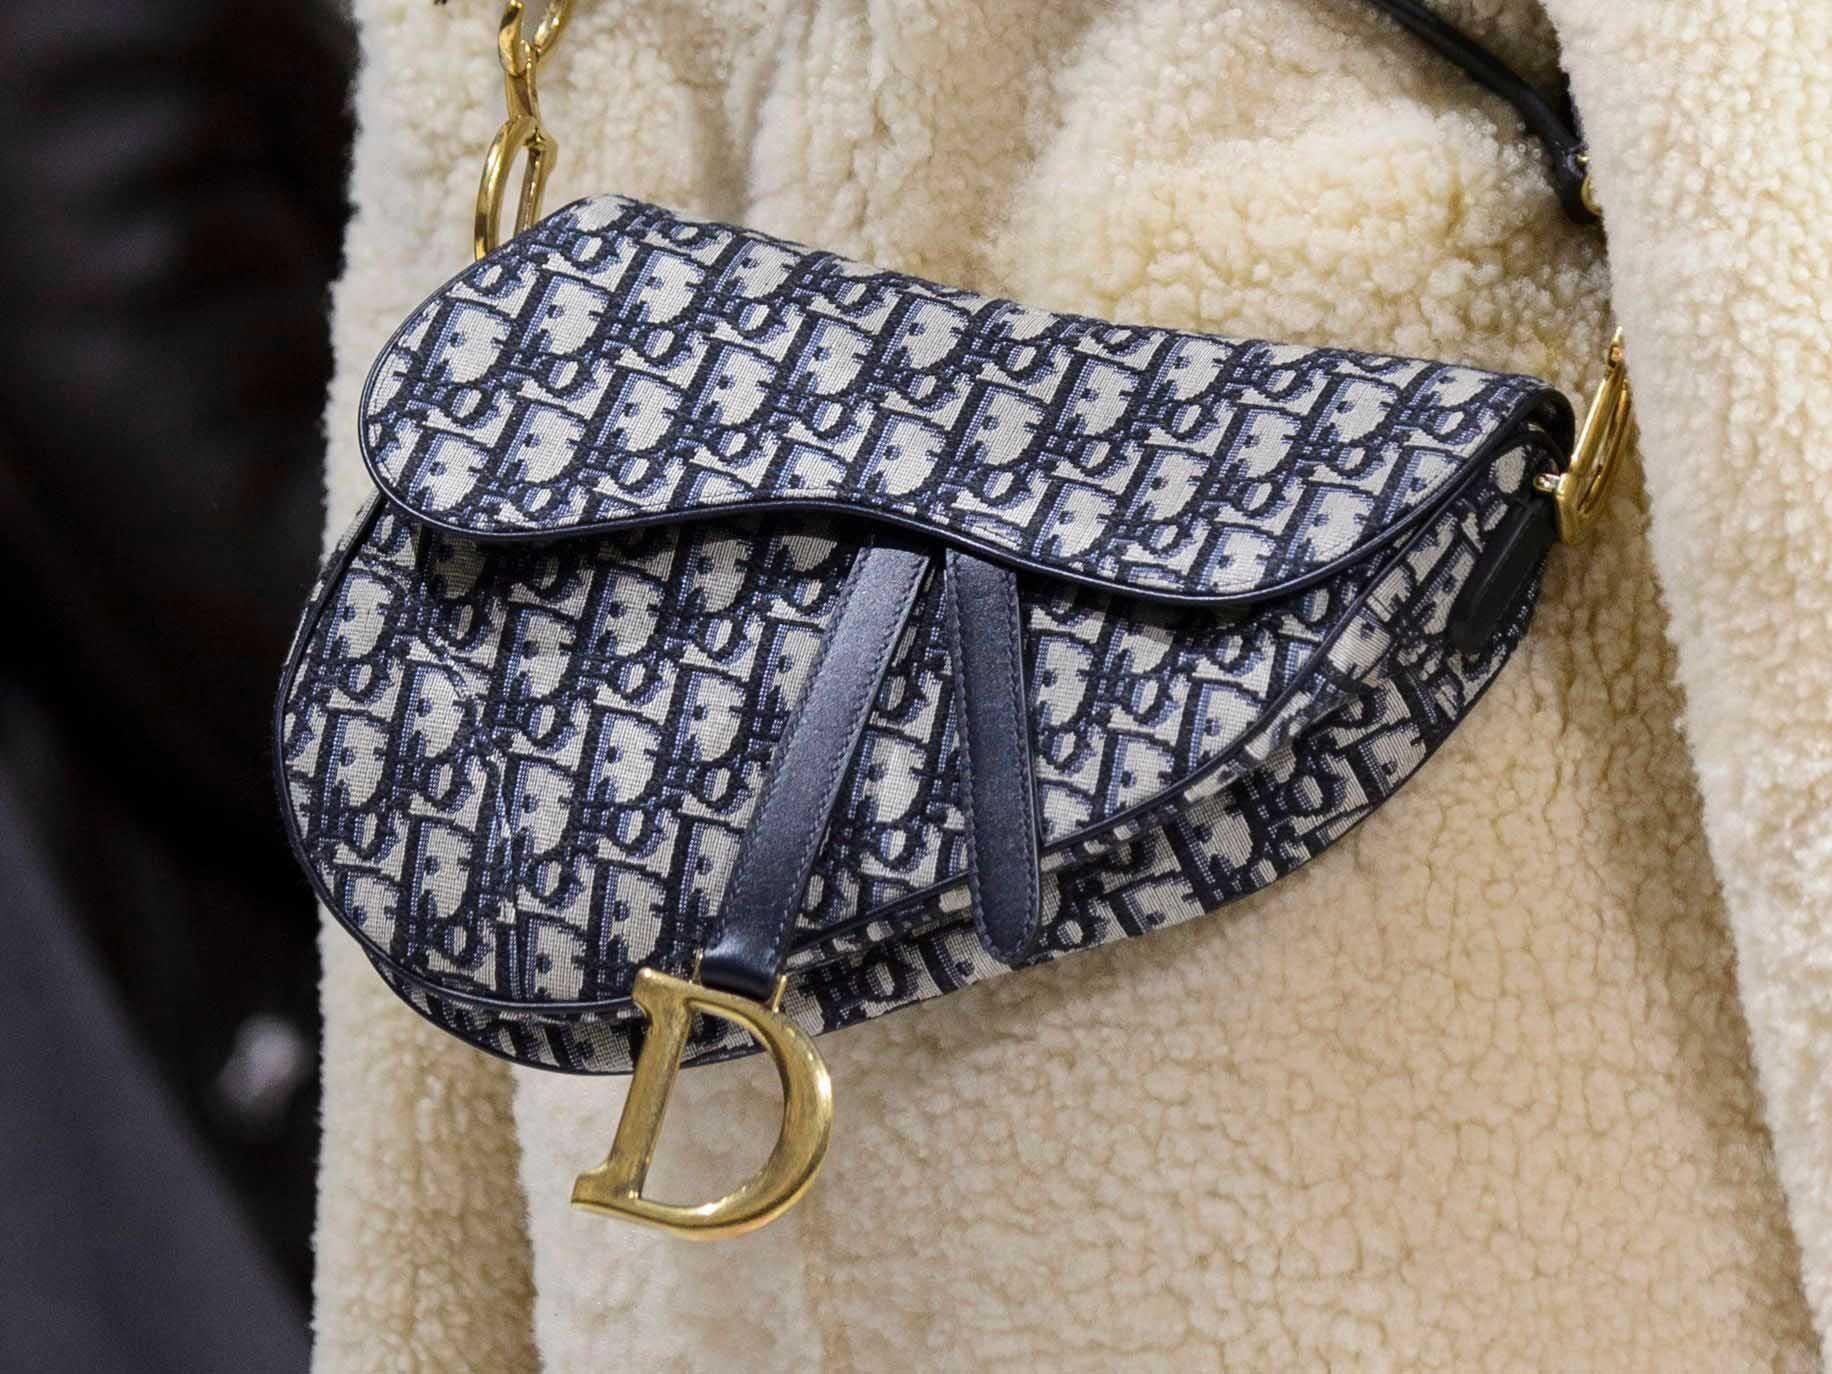 Fashion · Dior s iconic logo saddle bag ... 163eab50399e8